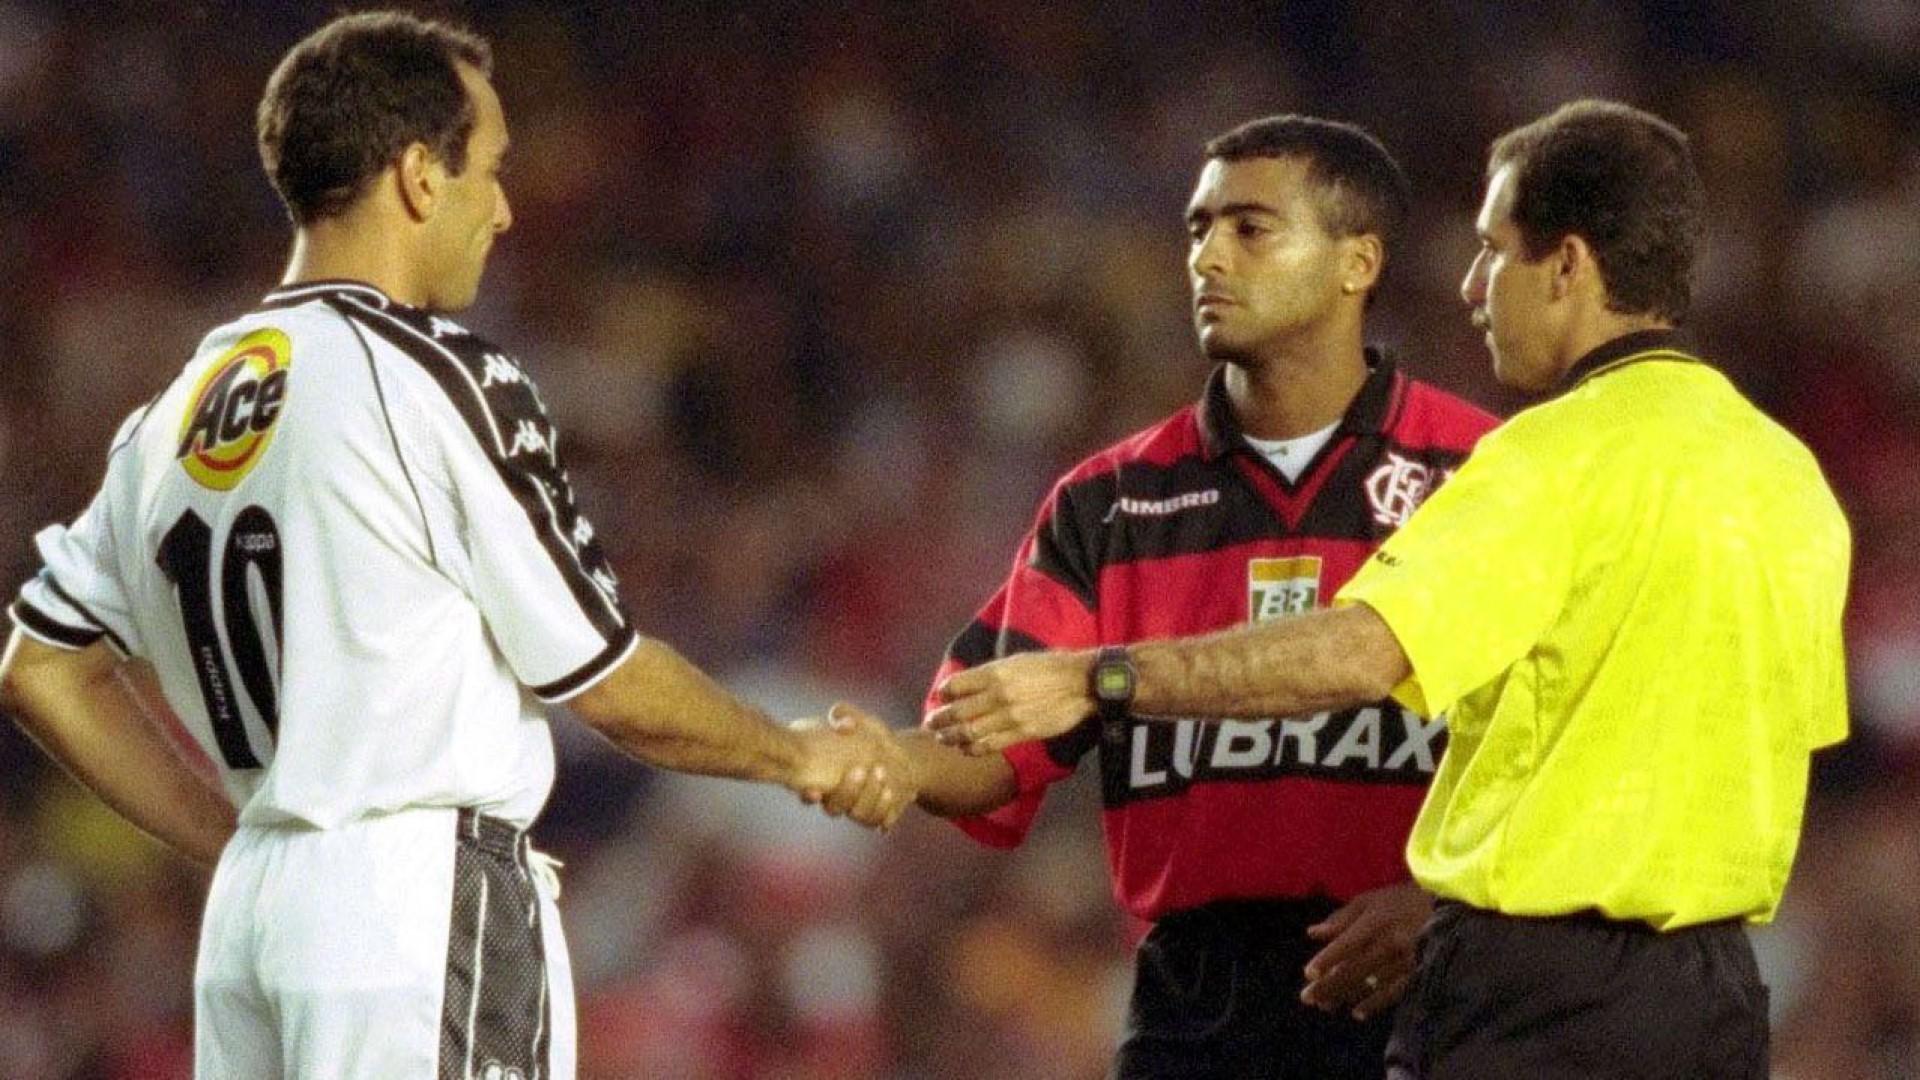 Romario Flamengo 2000